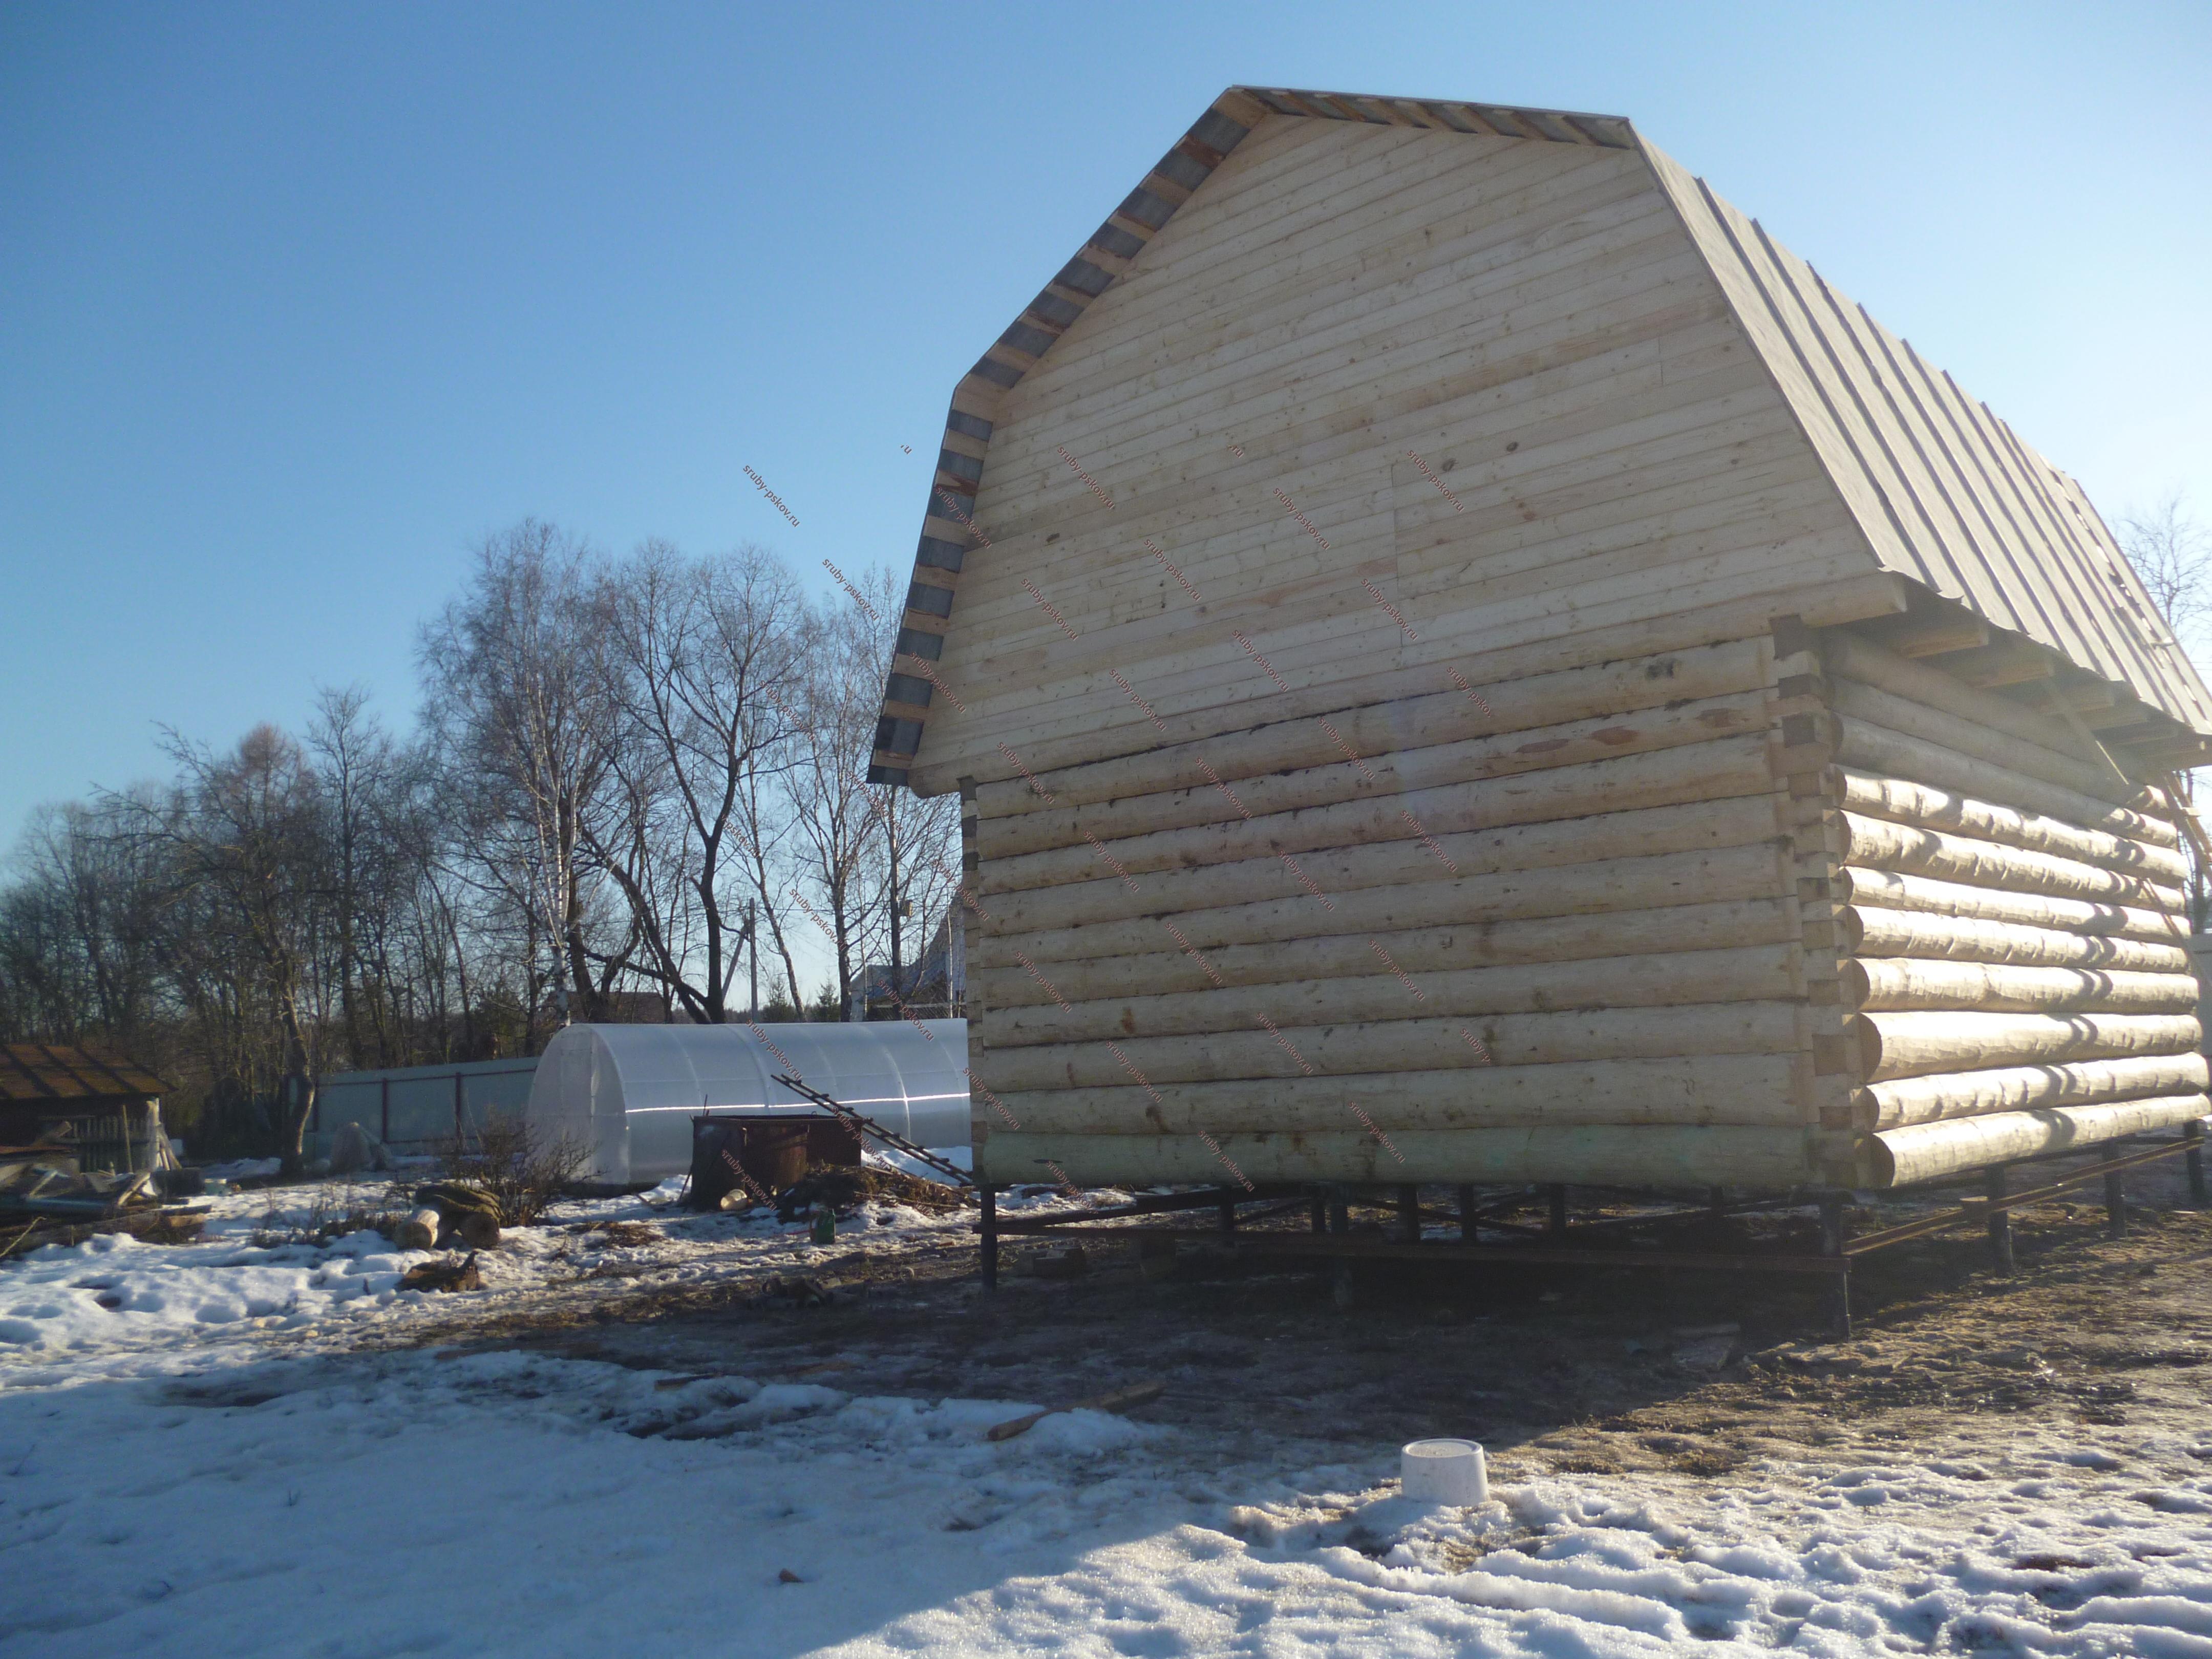 дом из сруба с ломаной крышей фото значительно расширяет сферу